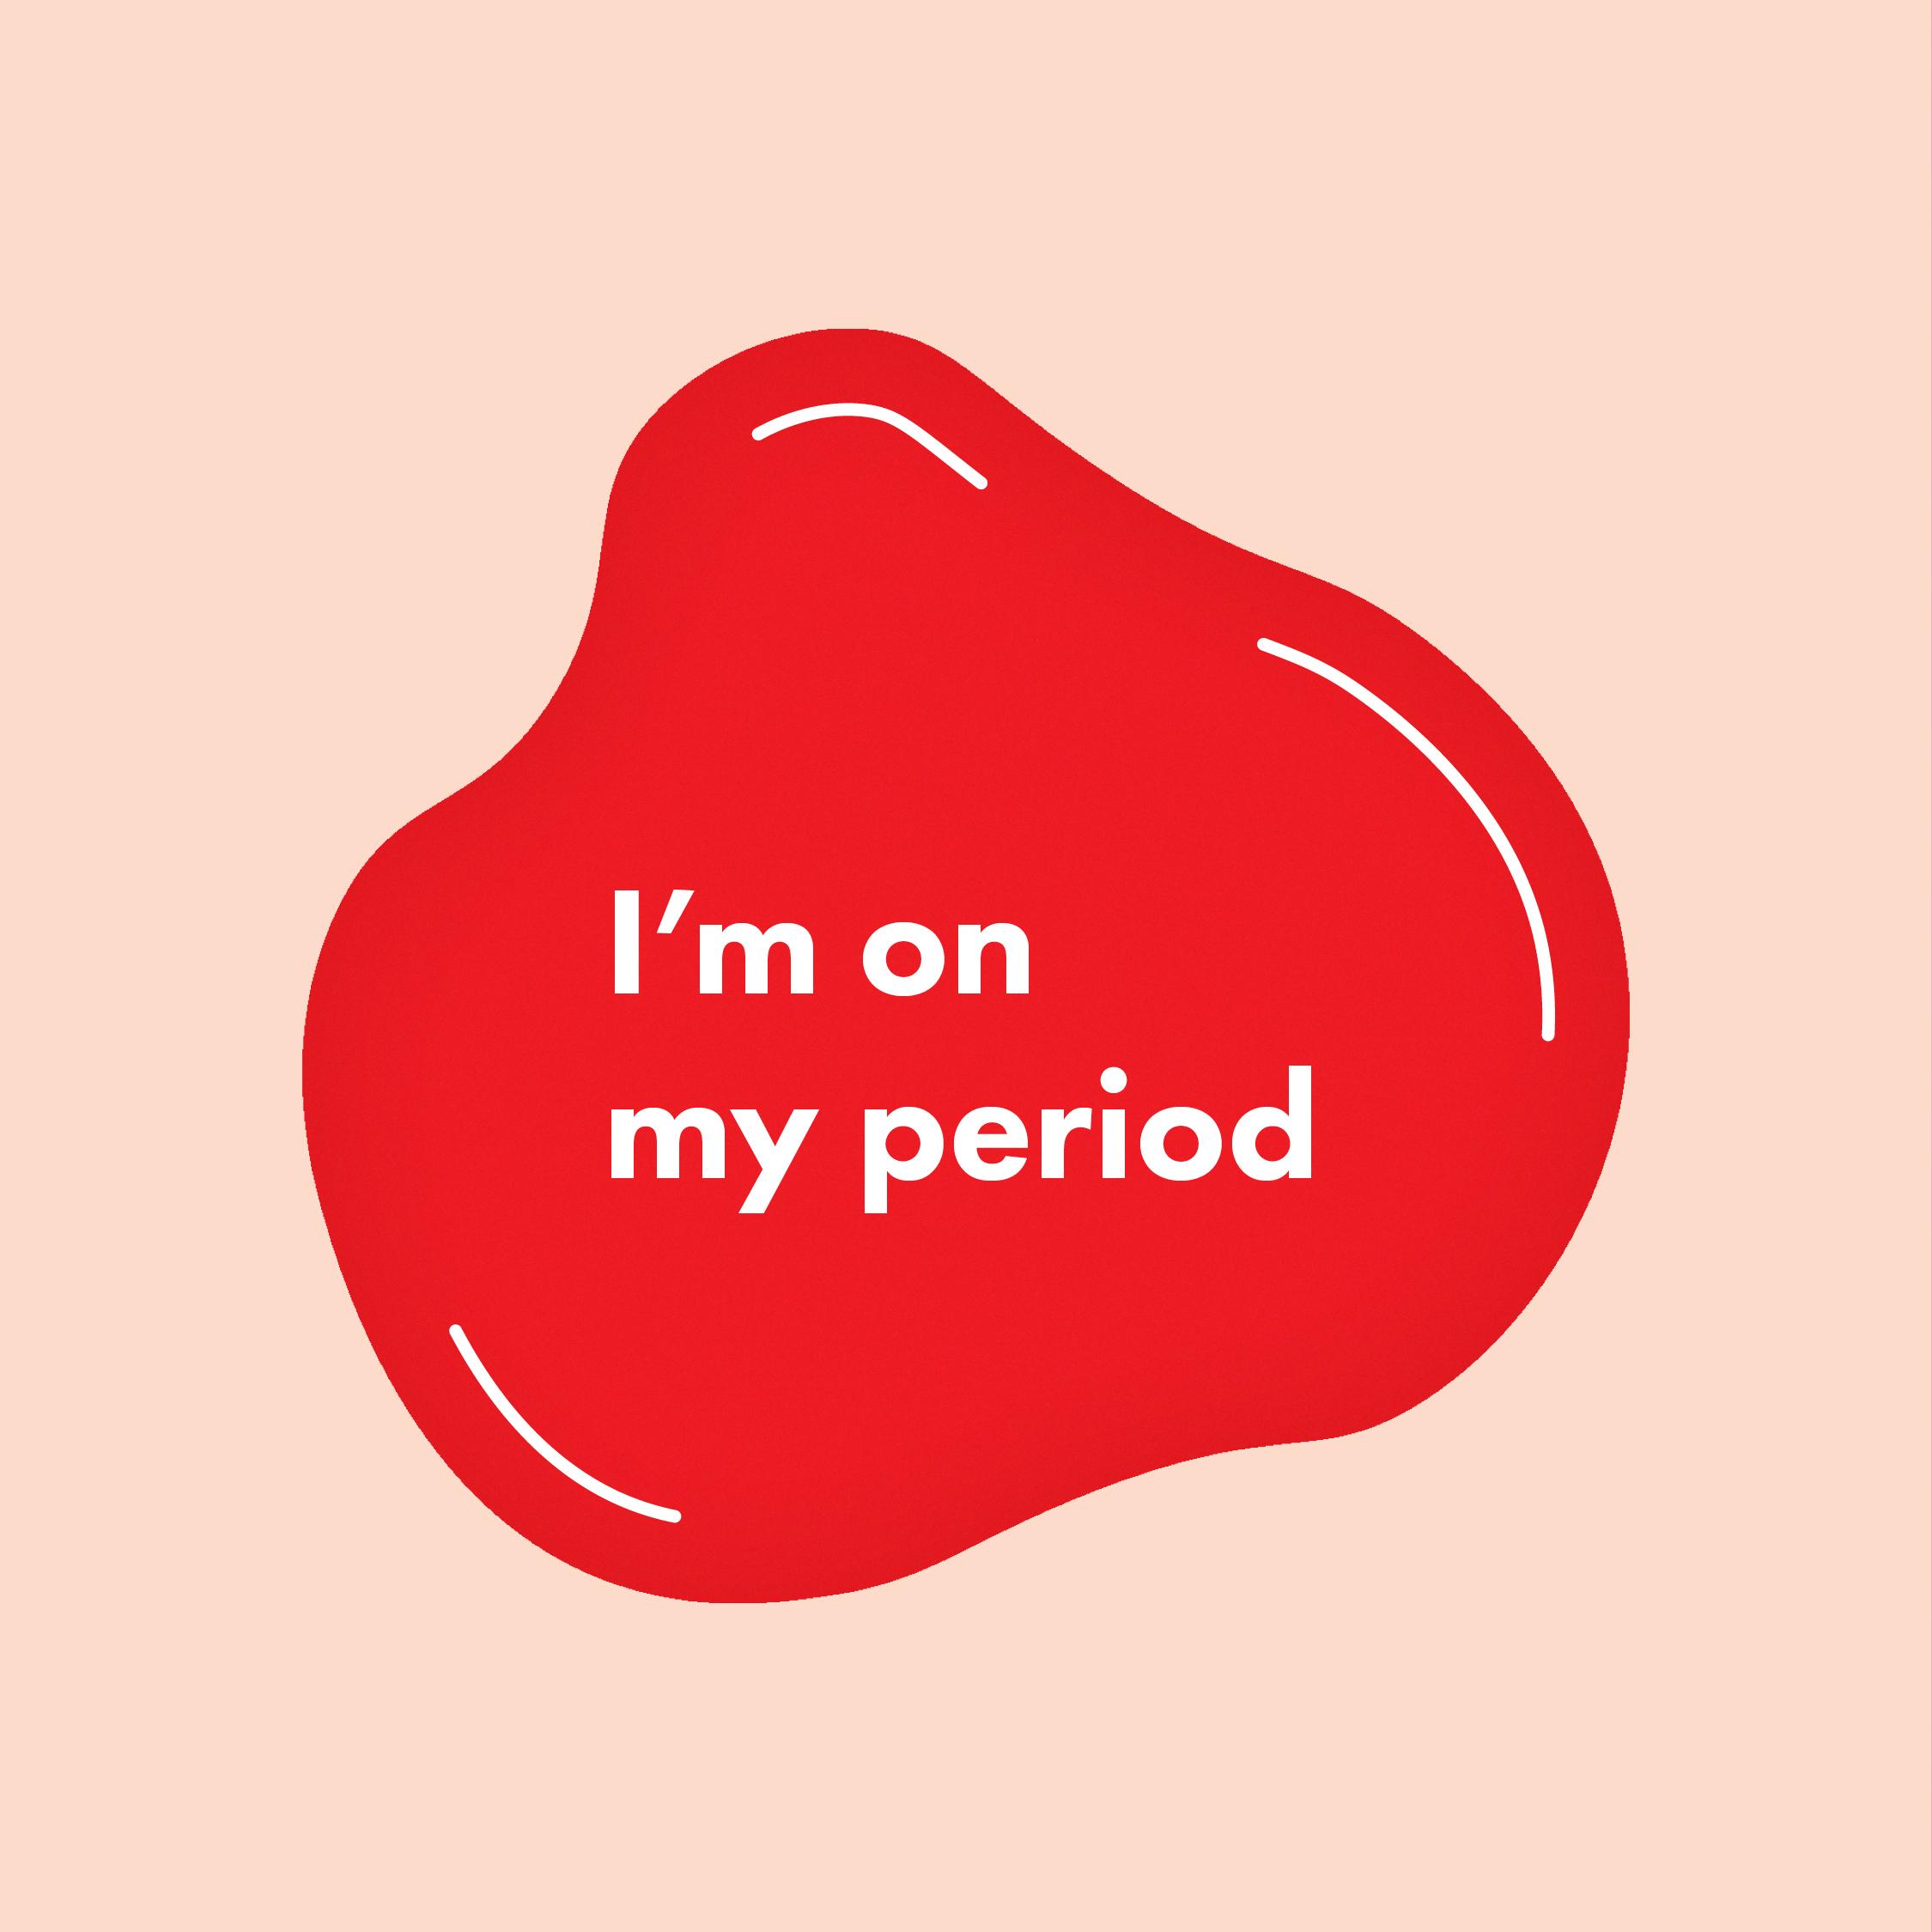 Period Pride - I'm on my period